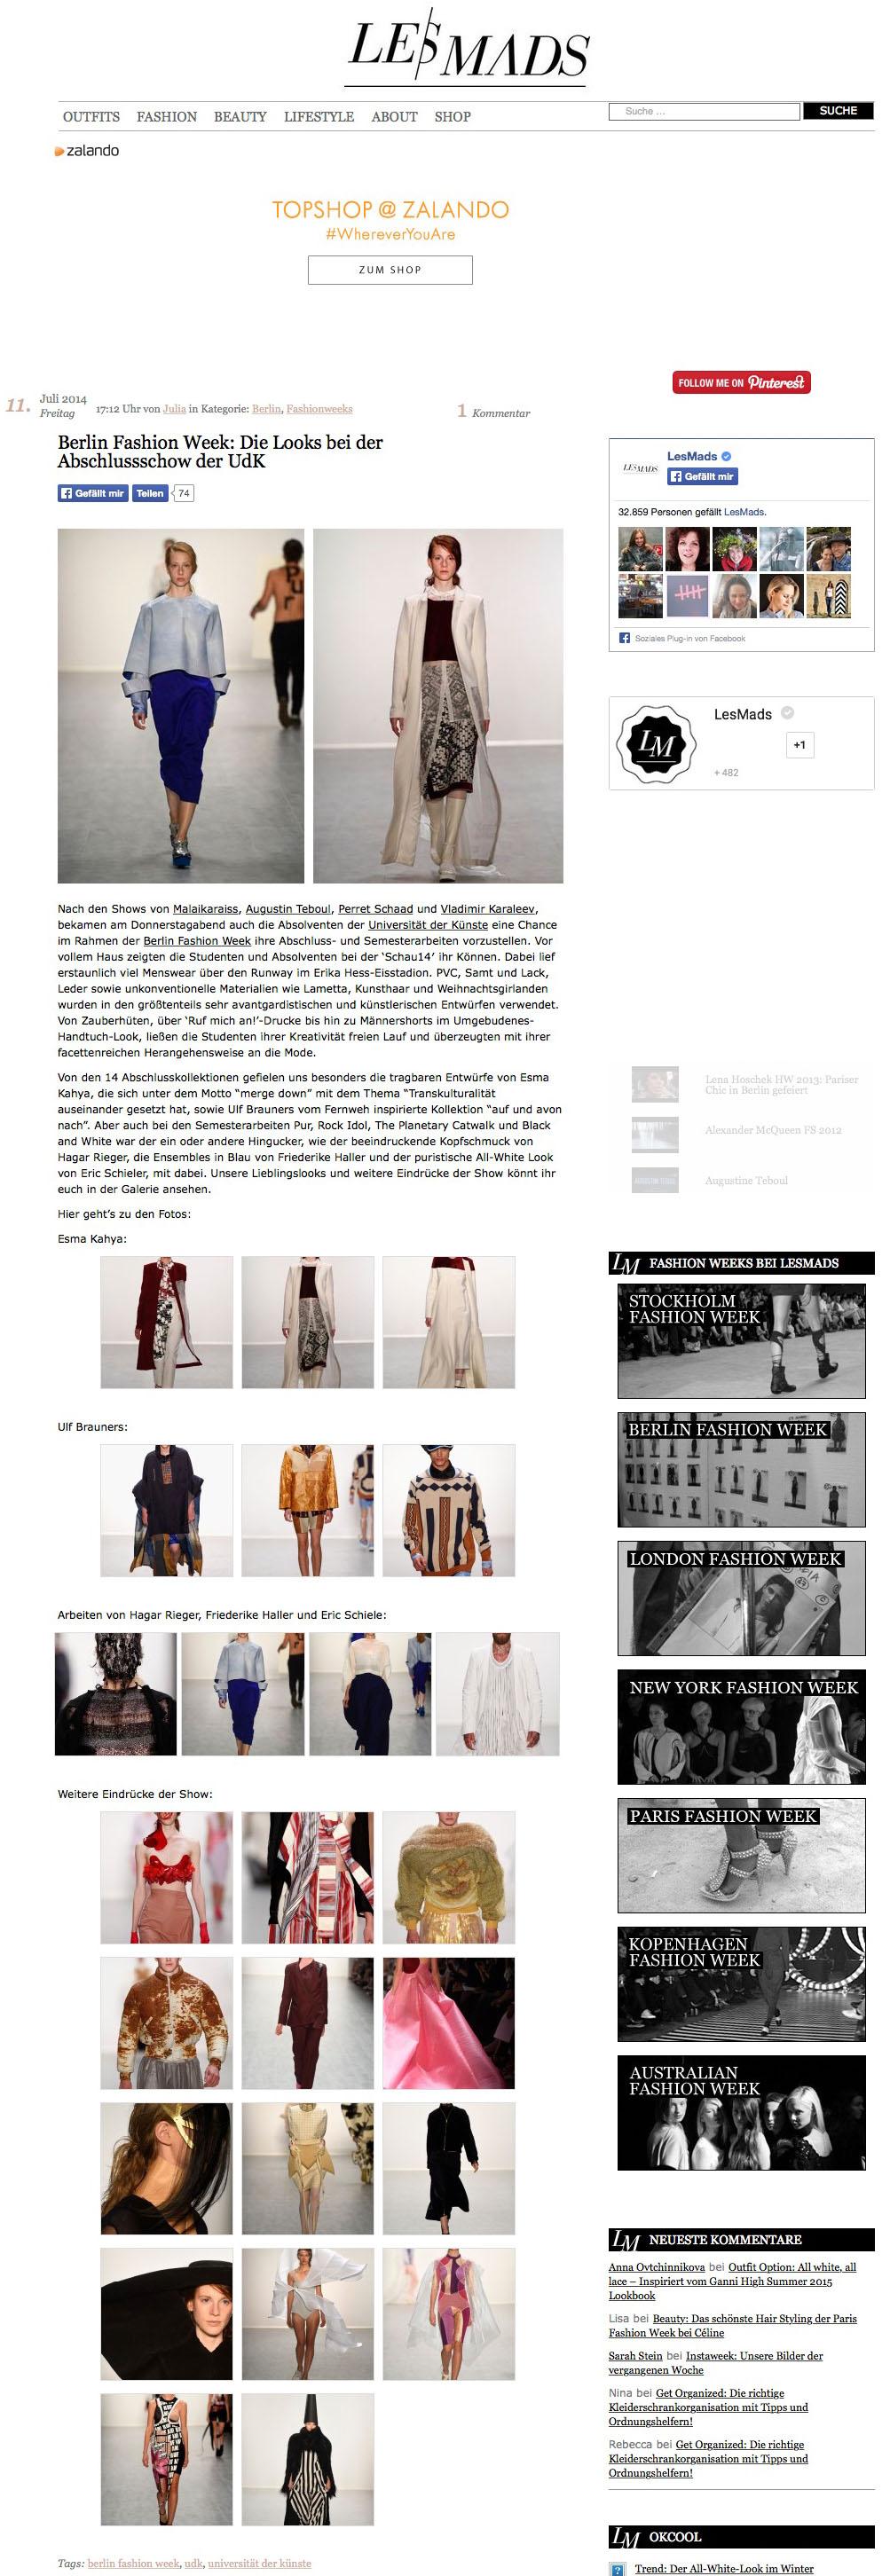 http---www.lesmads.de-2014-07-berlin-fashion-week-unsere-lieblingslooks-bei-der-abschlussschow-der-udk.html (20150512)